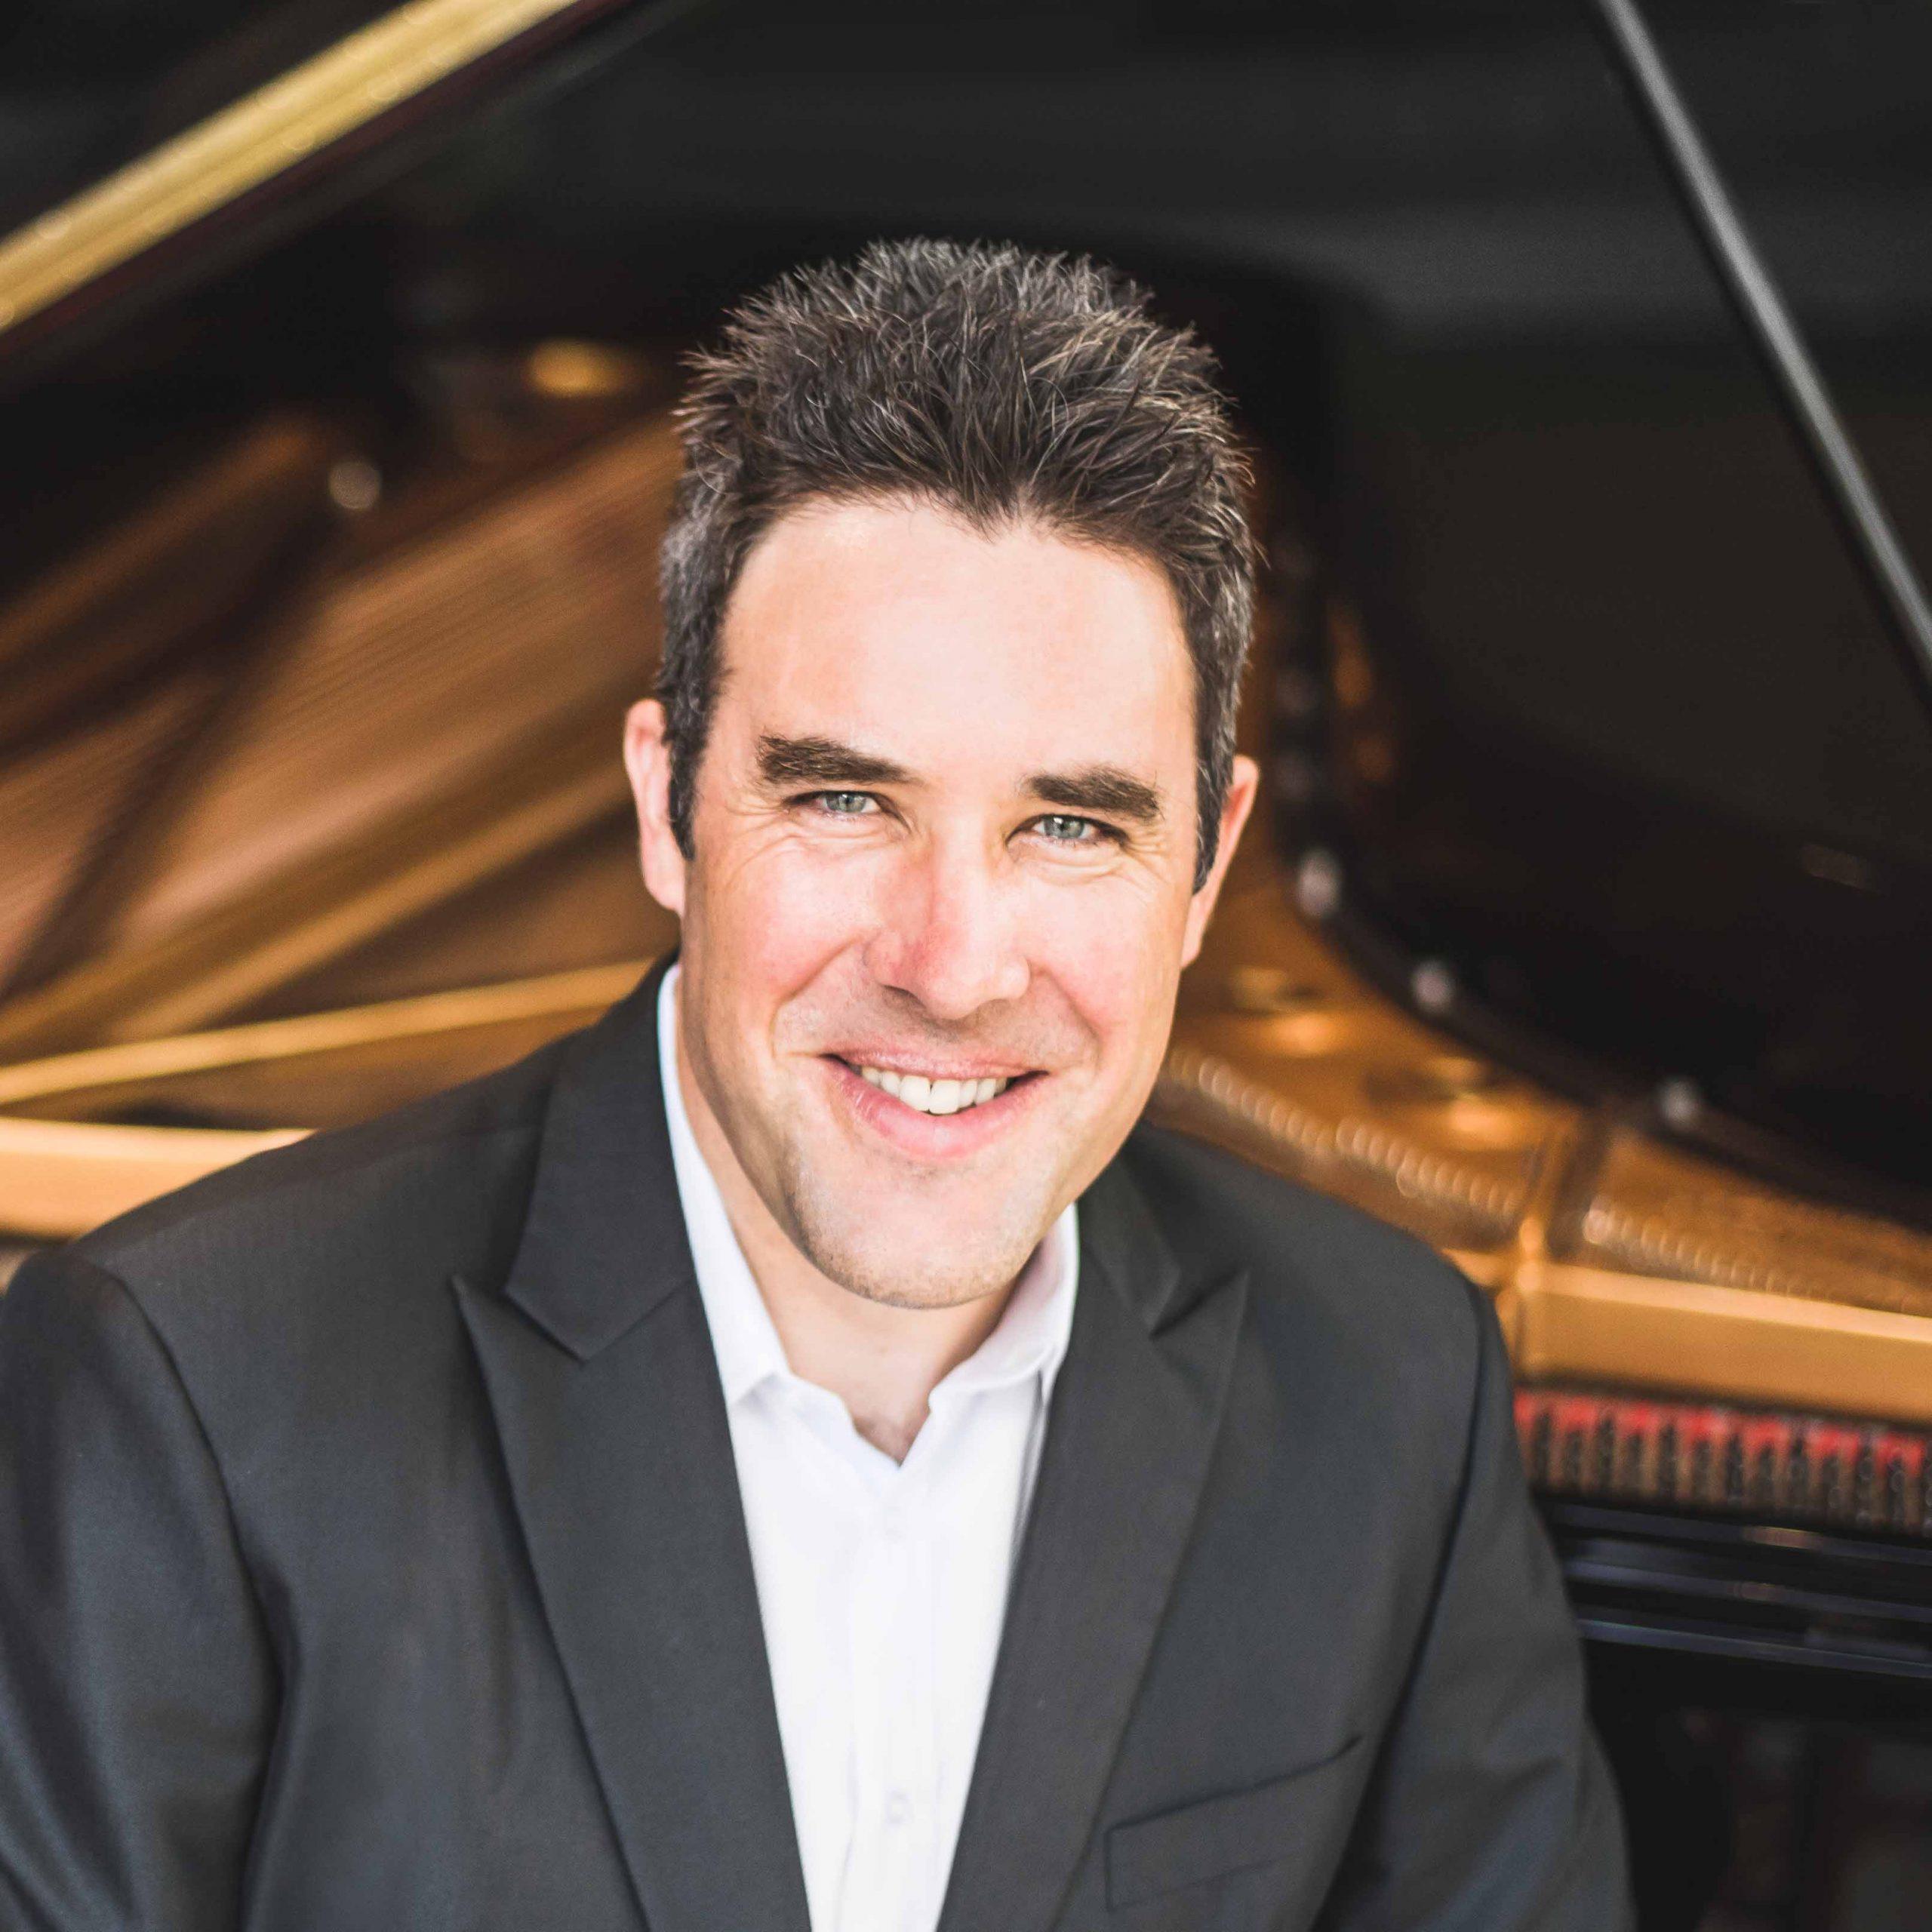 Jonathan Korth